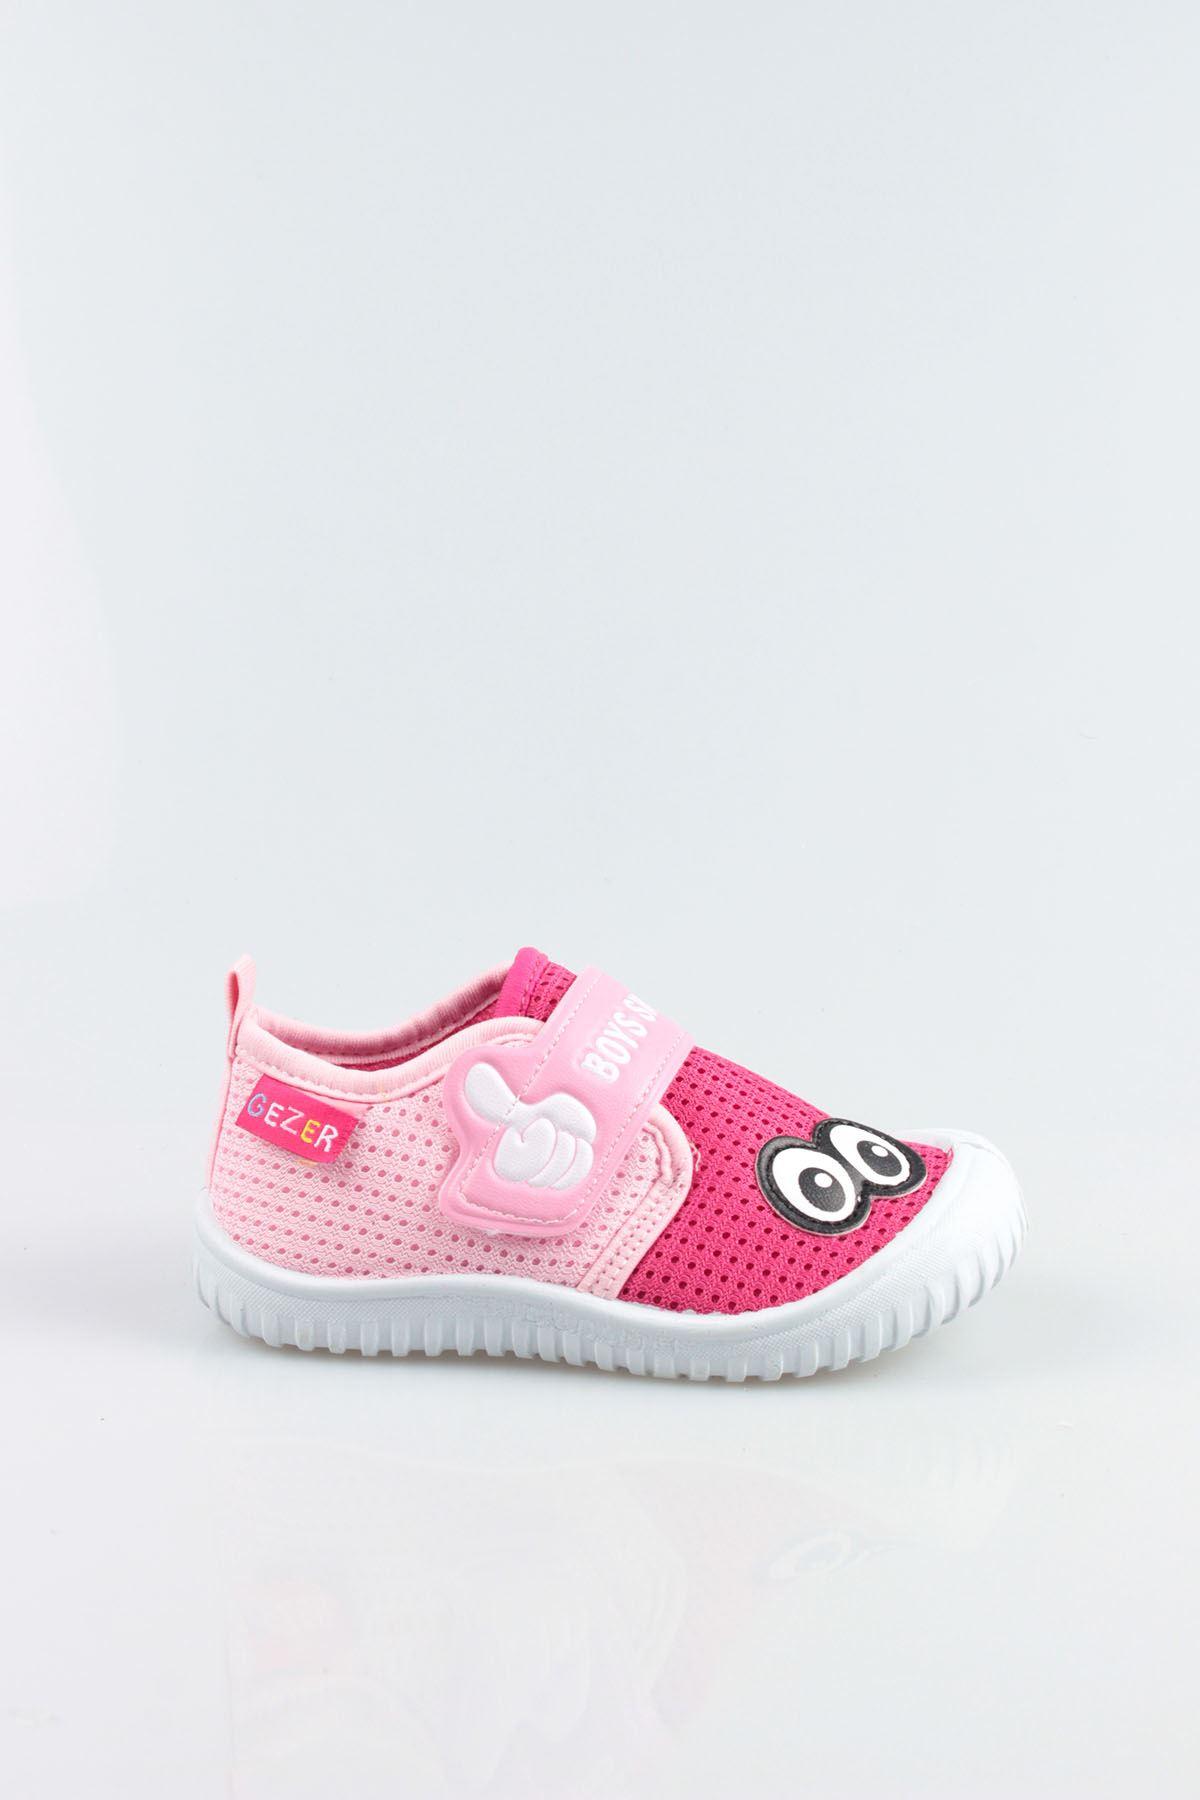 Bebe Fileli Ayakkabı